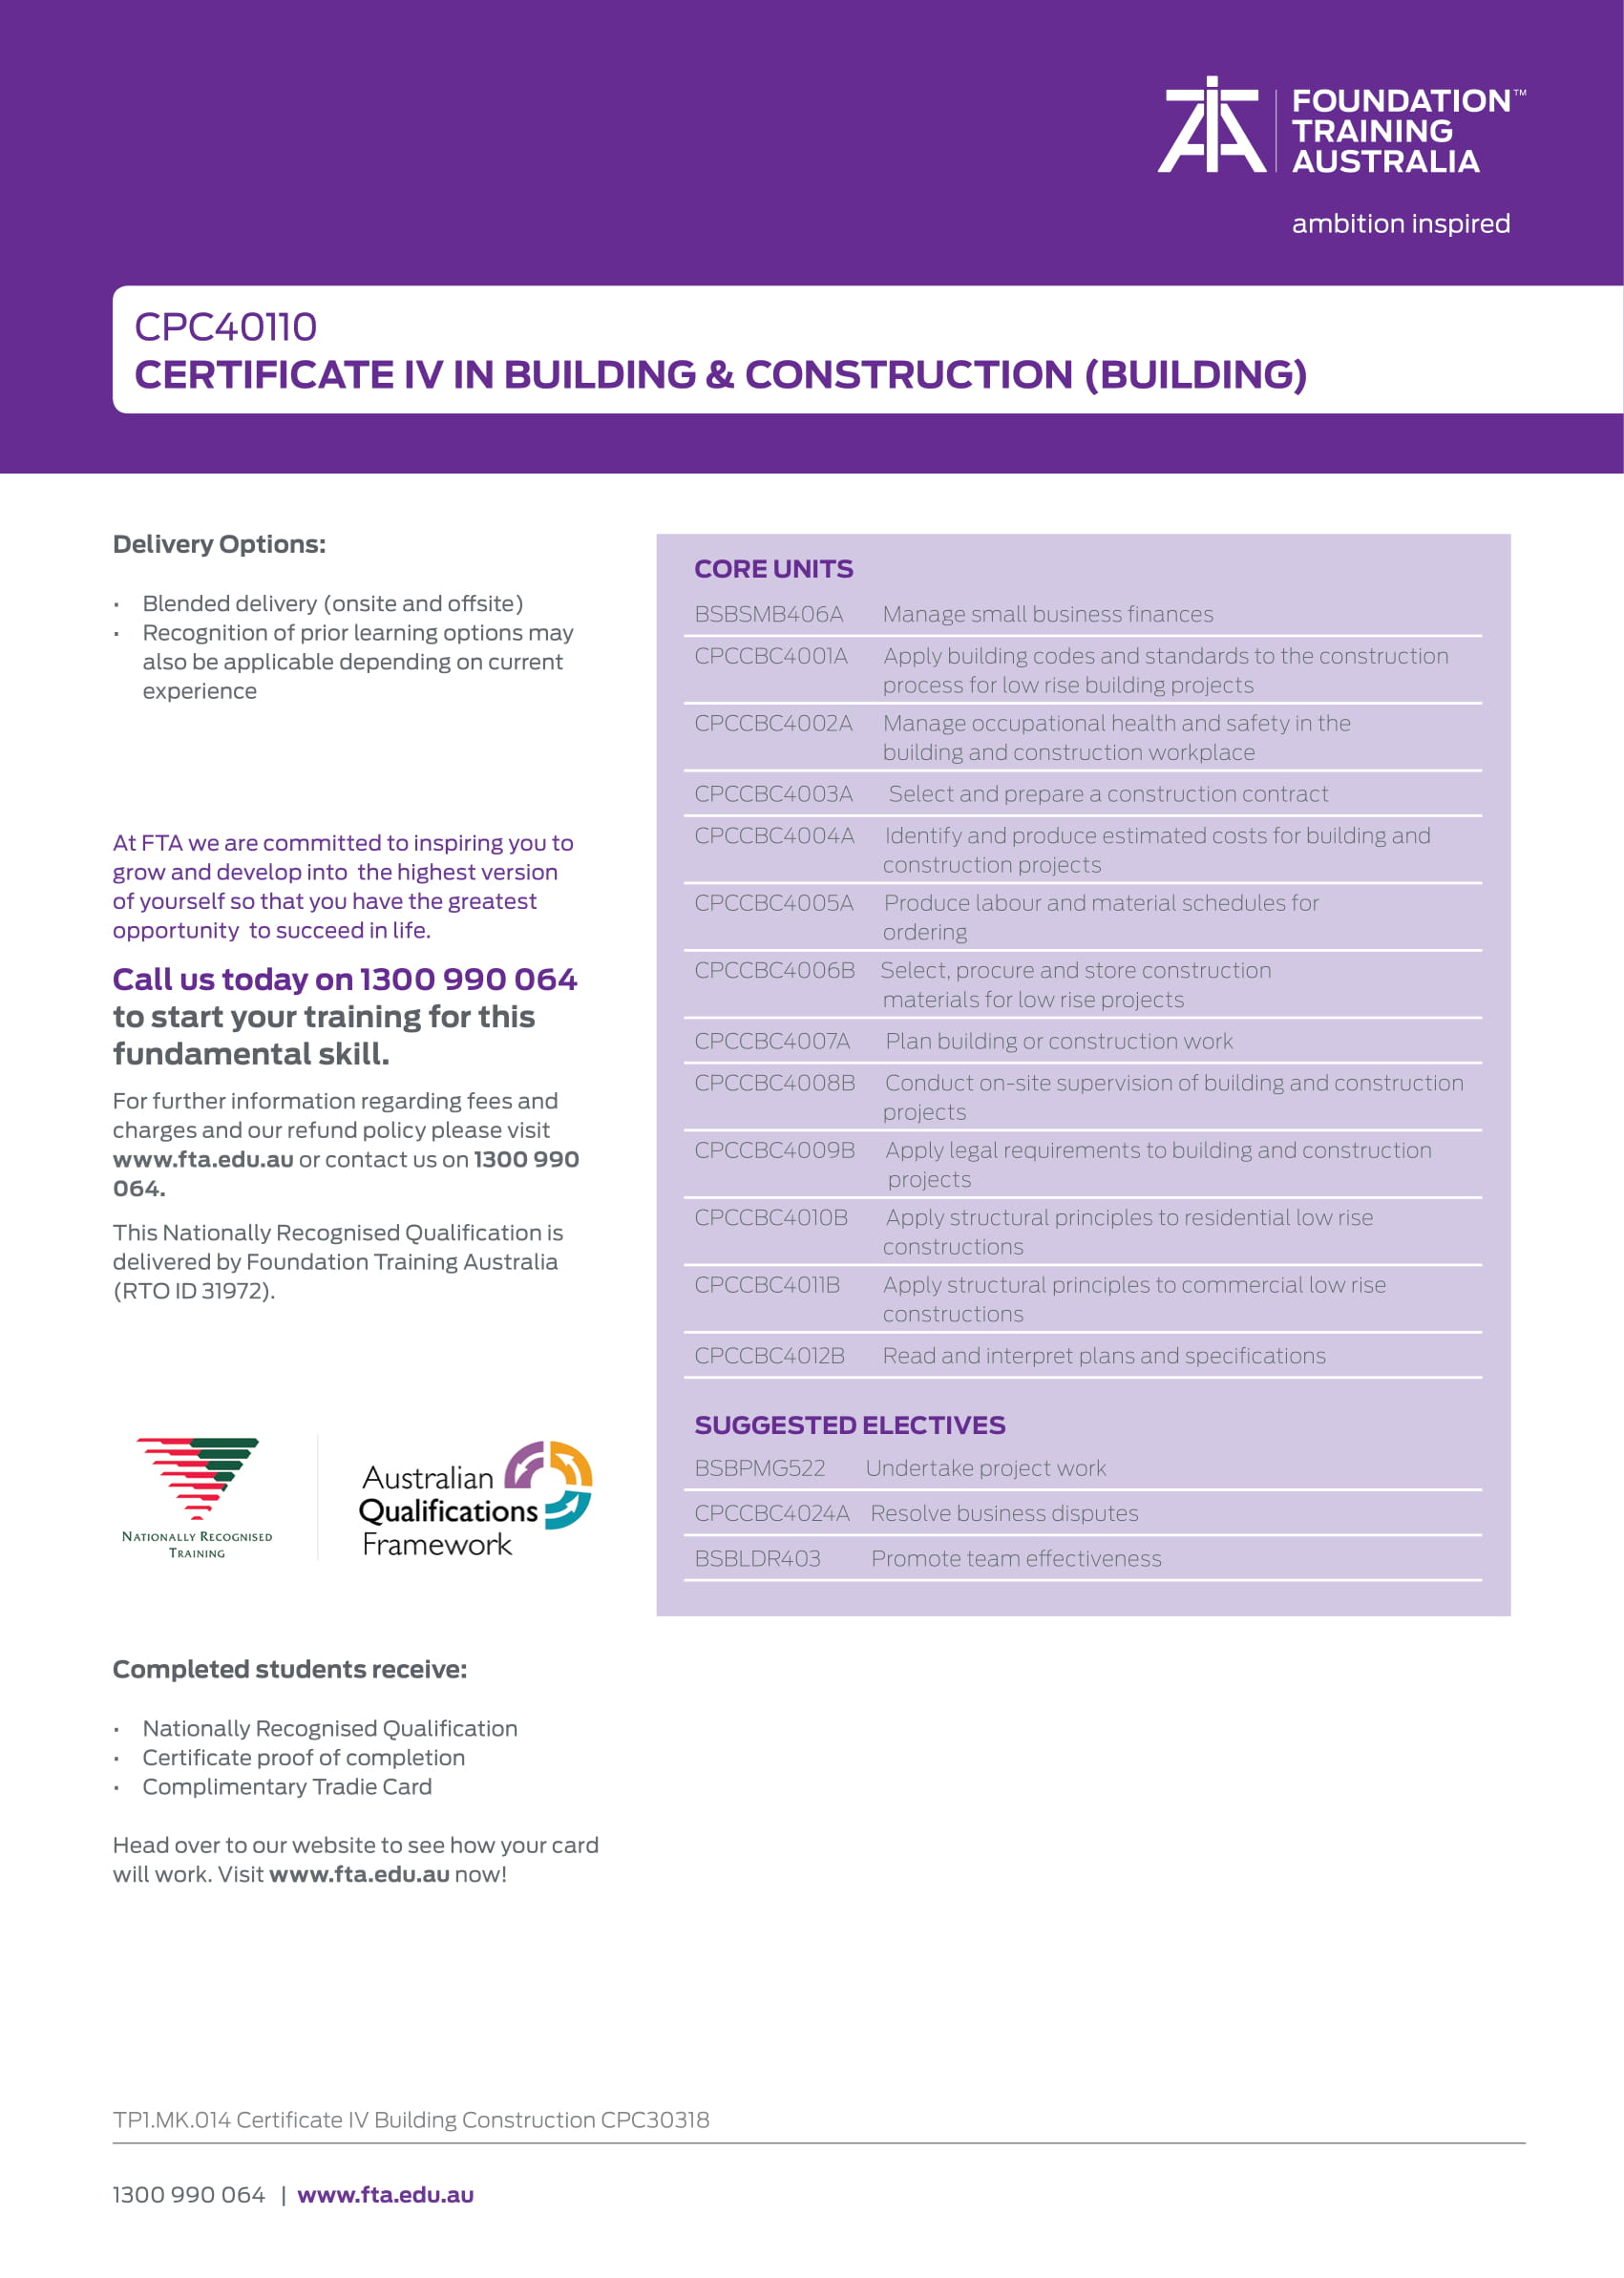 https://www.fta.edu.au/wp-content/uploads/2020/06/TP1.MK_.014-Certificate-IV-Building-_-Construction-CPC40110-2.jpg